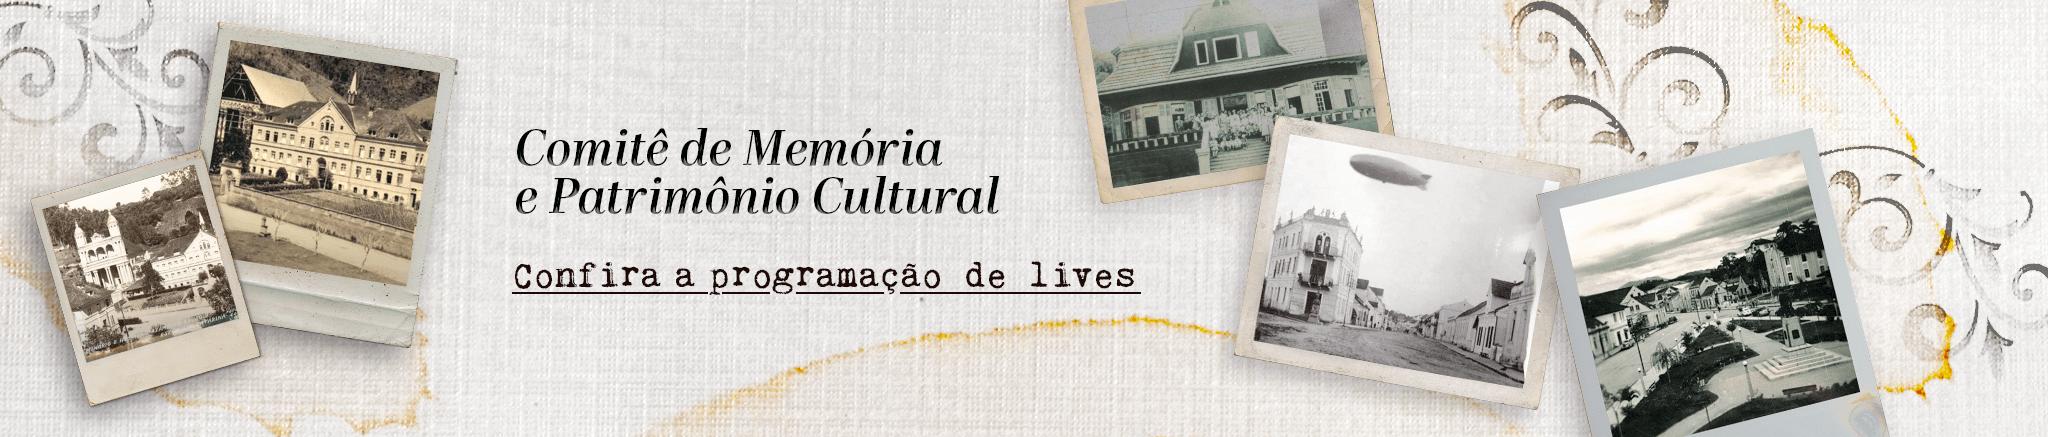 DESKTOP Banner site - Comitê de Memória e Patrimônio Cultural 2